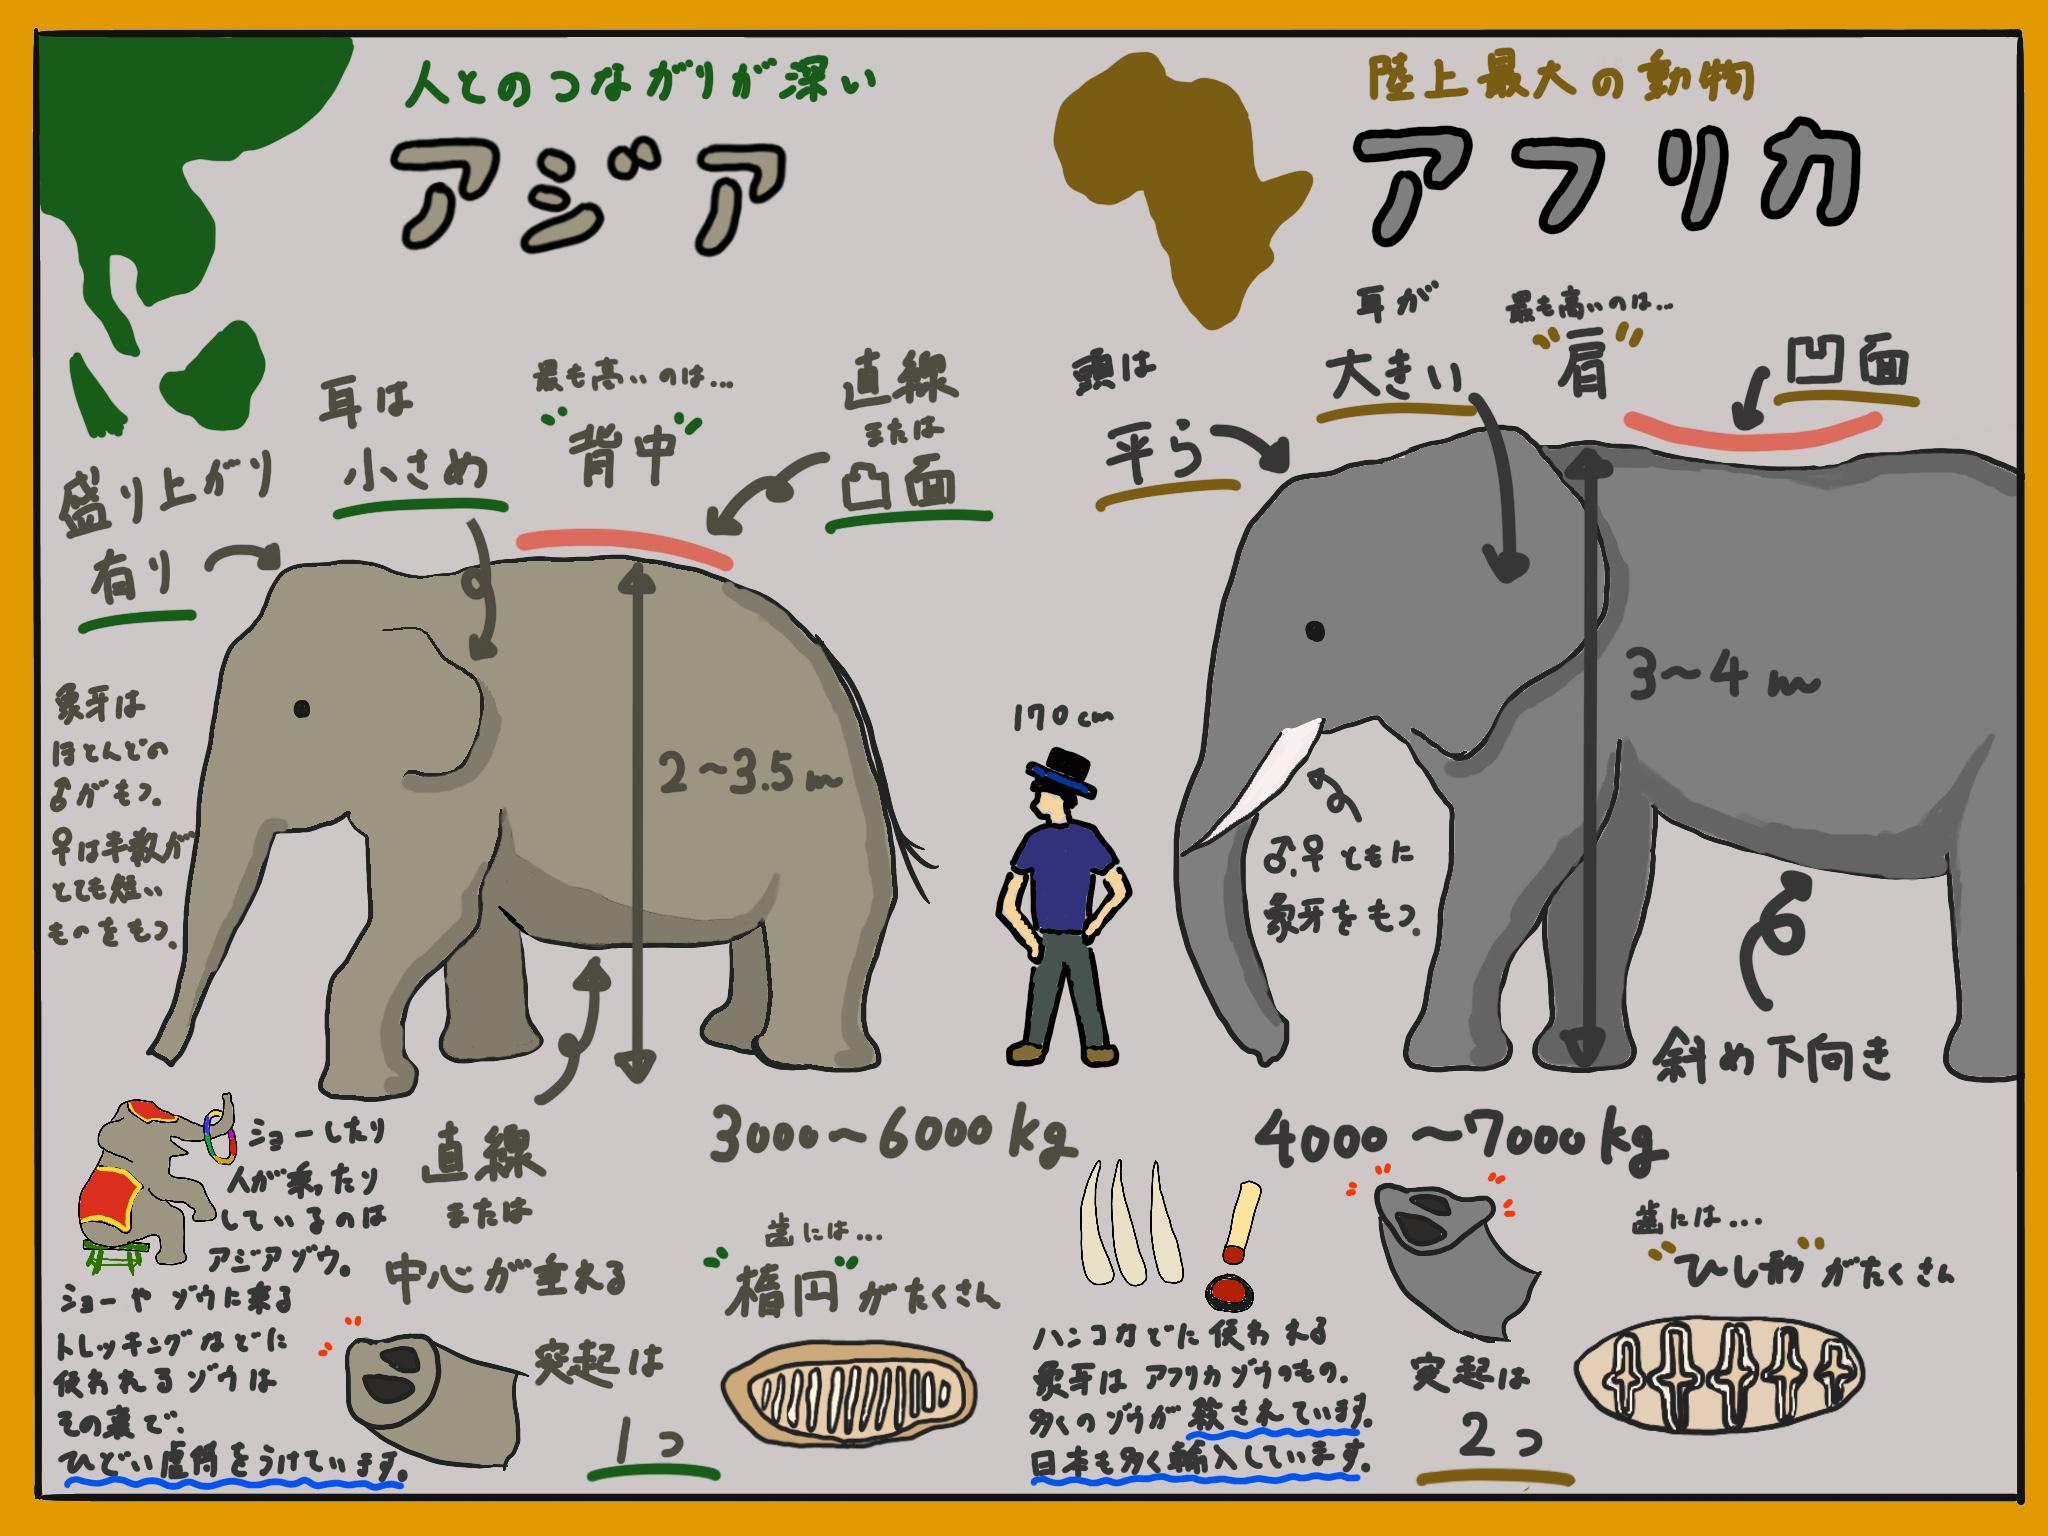 獣医学生が解説!!アジアゾウとアフリカゾウの違い